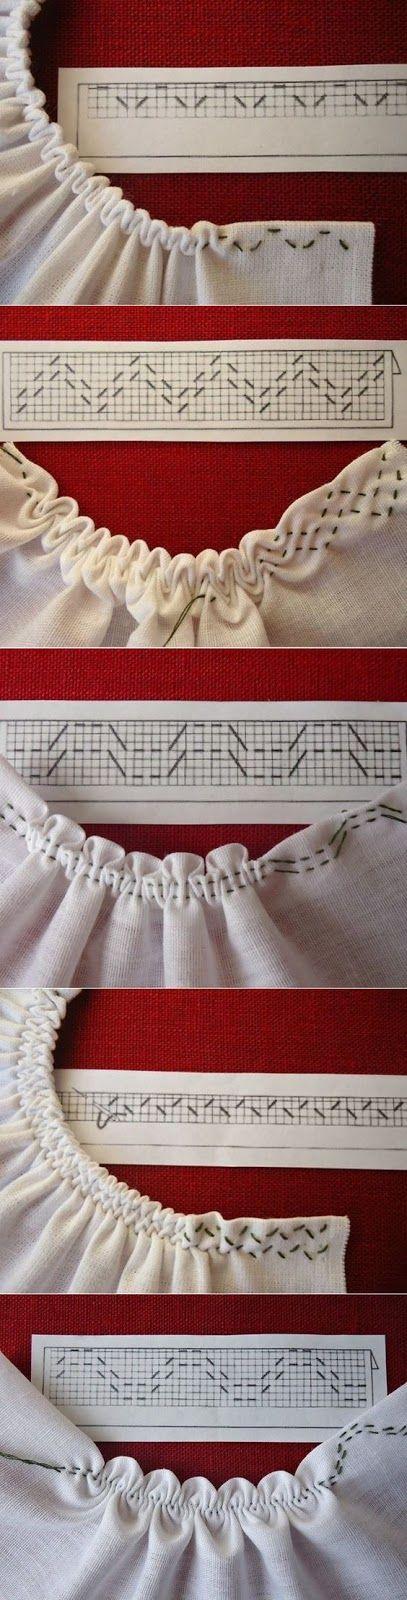 Ficam aquiumas ideiaspara terminarmos as golas ou as mangas dos nossos trabalhos de costura.  Boas Costuras! Fonte:pinterest